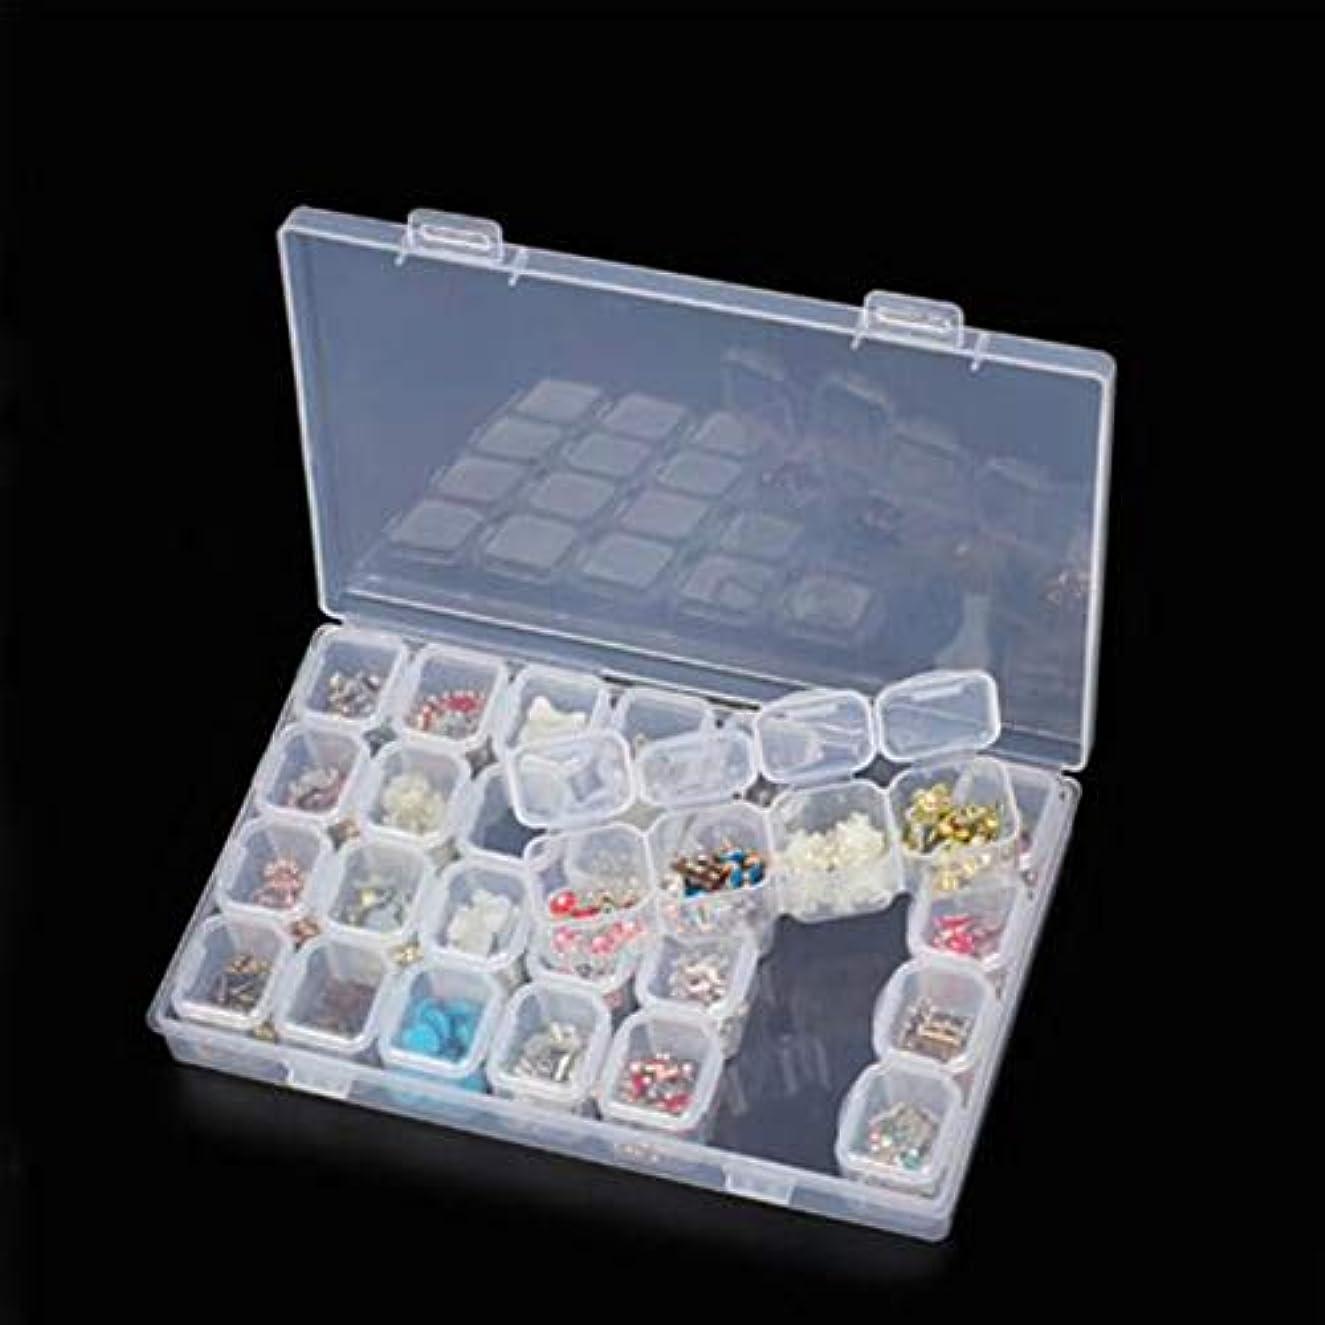 抽出疑問を超えてストライド28スロットプラスチック収納ボックスボックスダイヤモンド塗装キットネールアートラインツールズ収納収納ボックスケースオーガナイザーホルダー(透明)